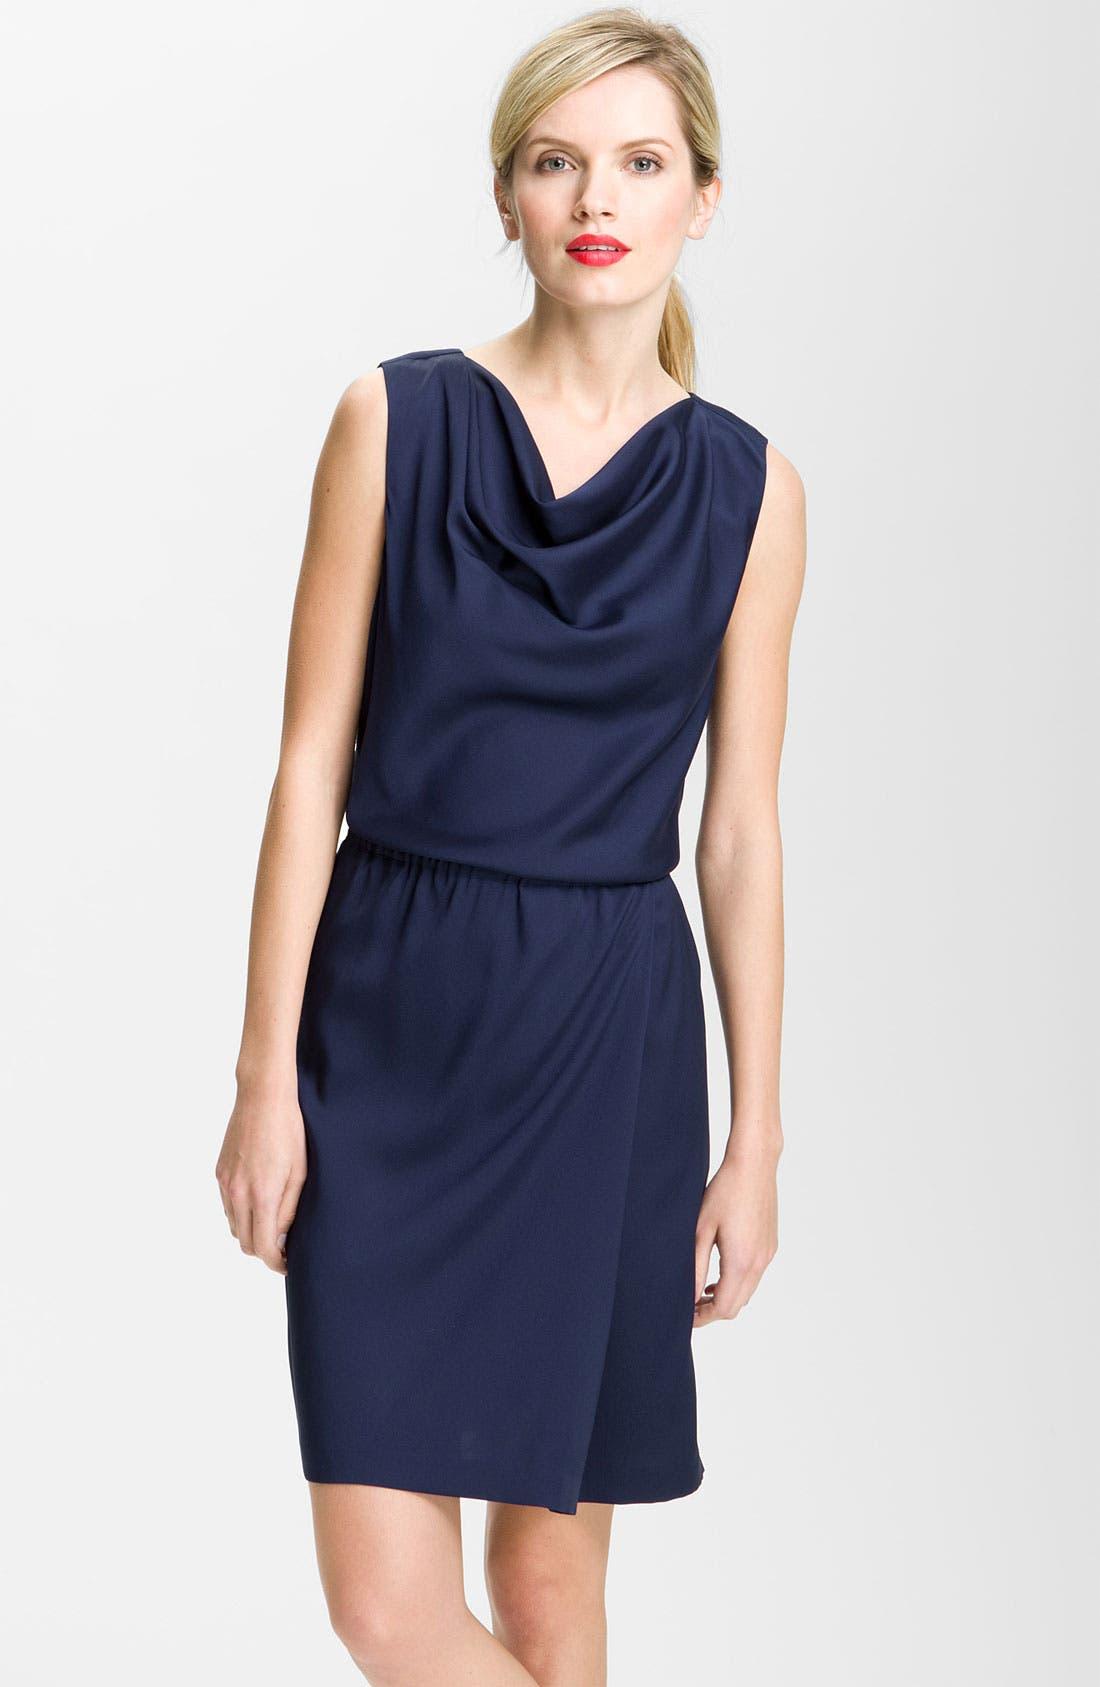 Alternate Image 1 Selected - Valette Drape Neck Twill Dress